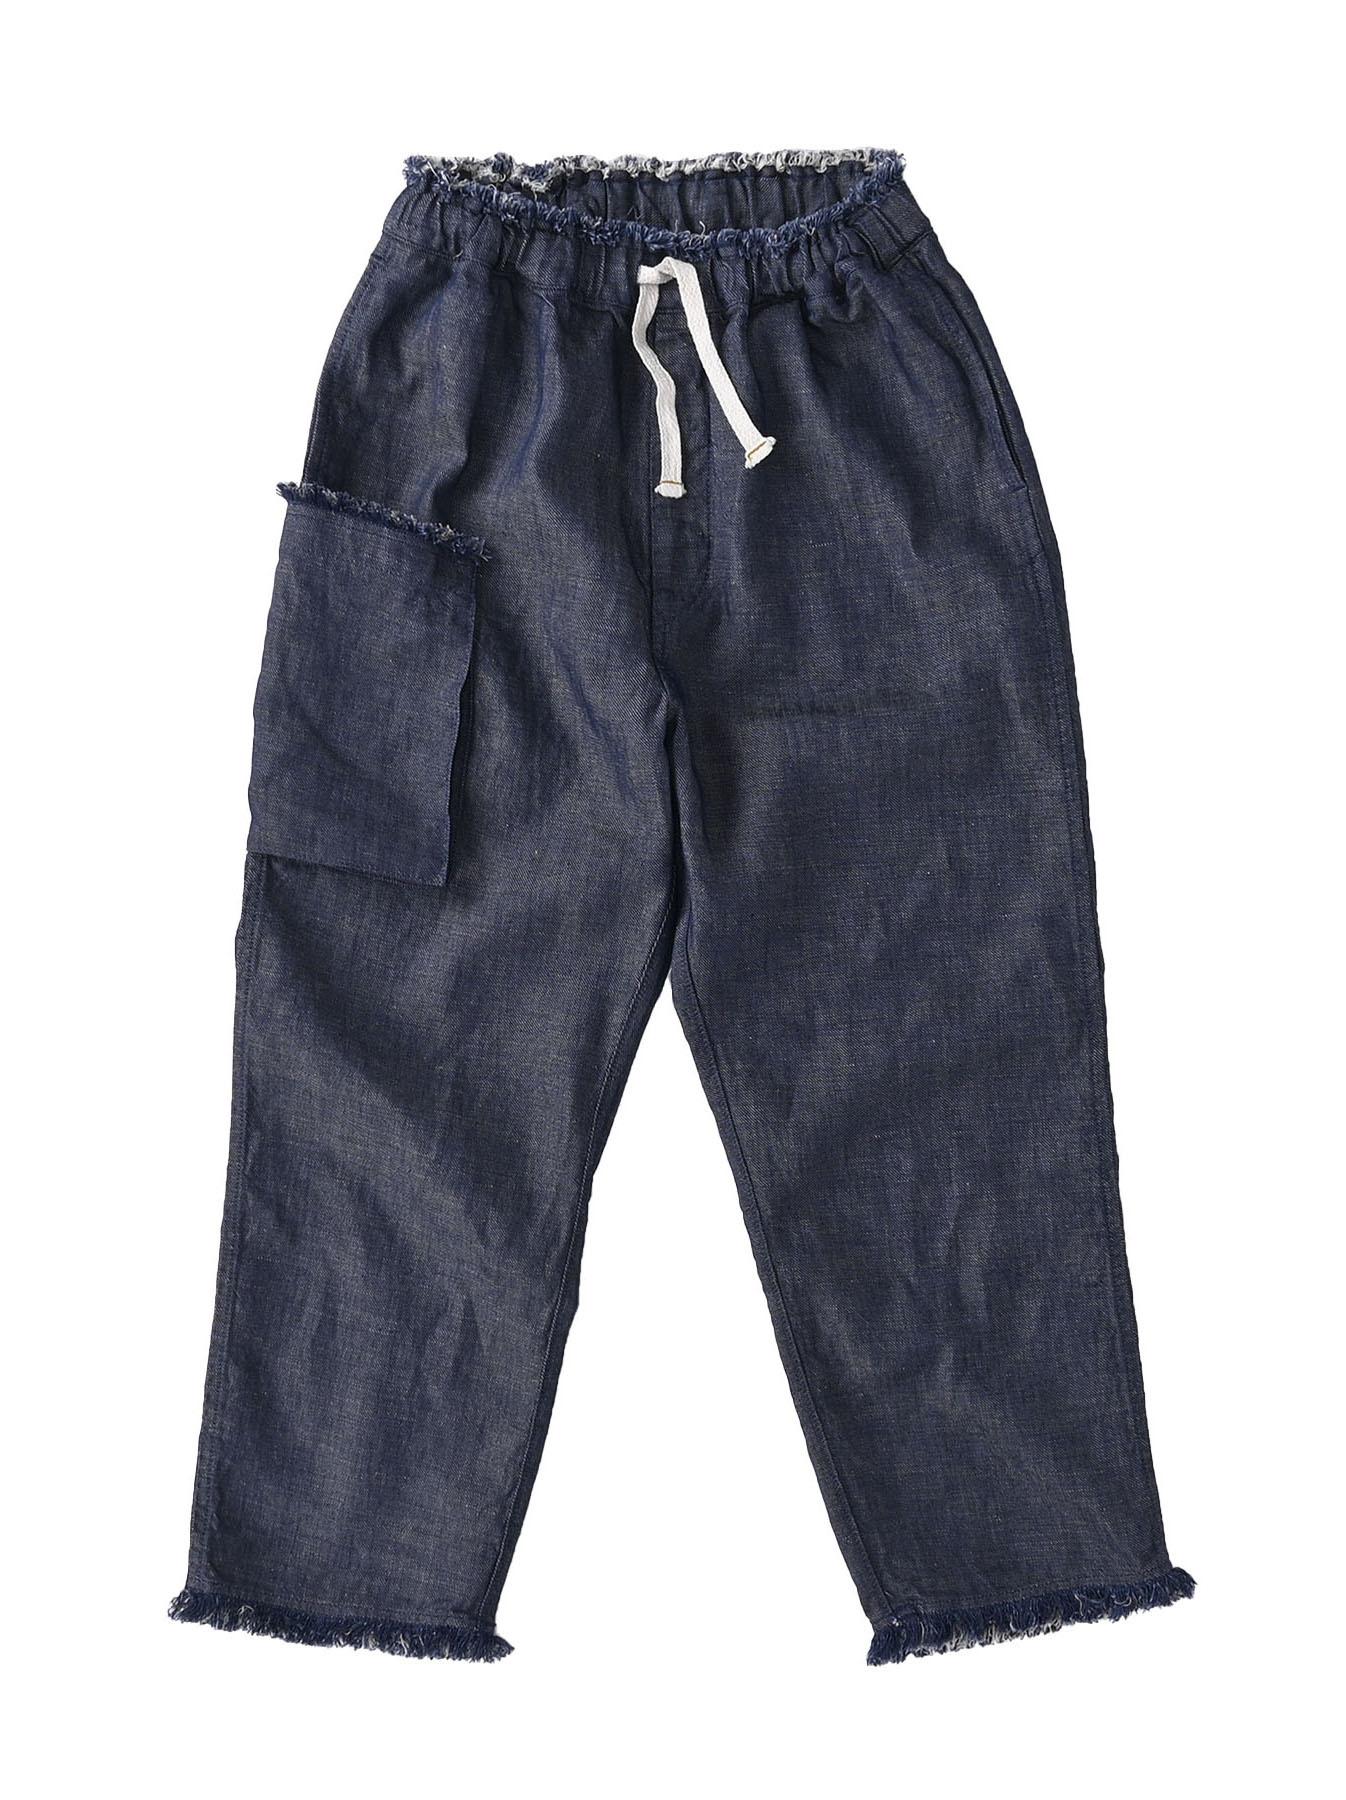 Indigo Cotton Linen Zakkuri Denim Easy Pants (0521)-1